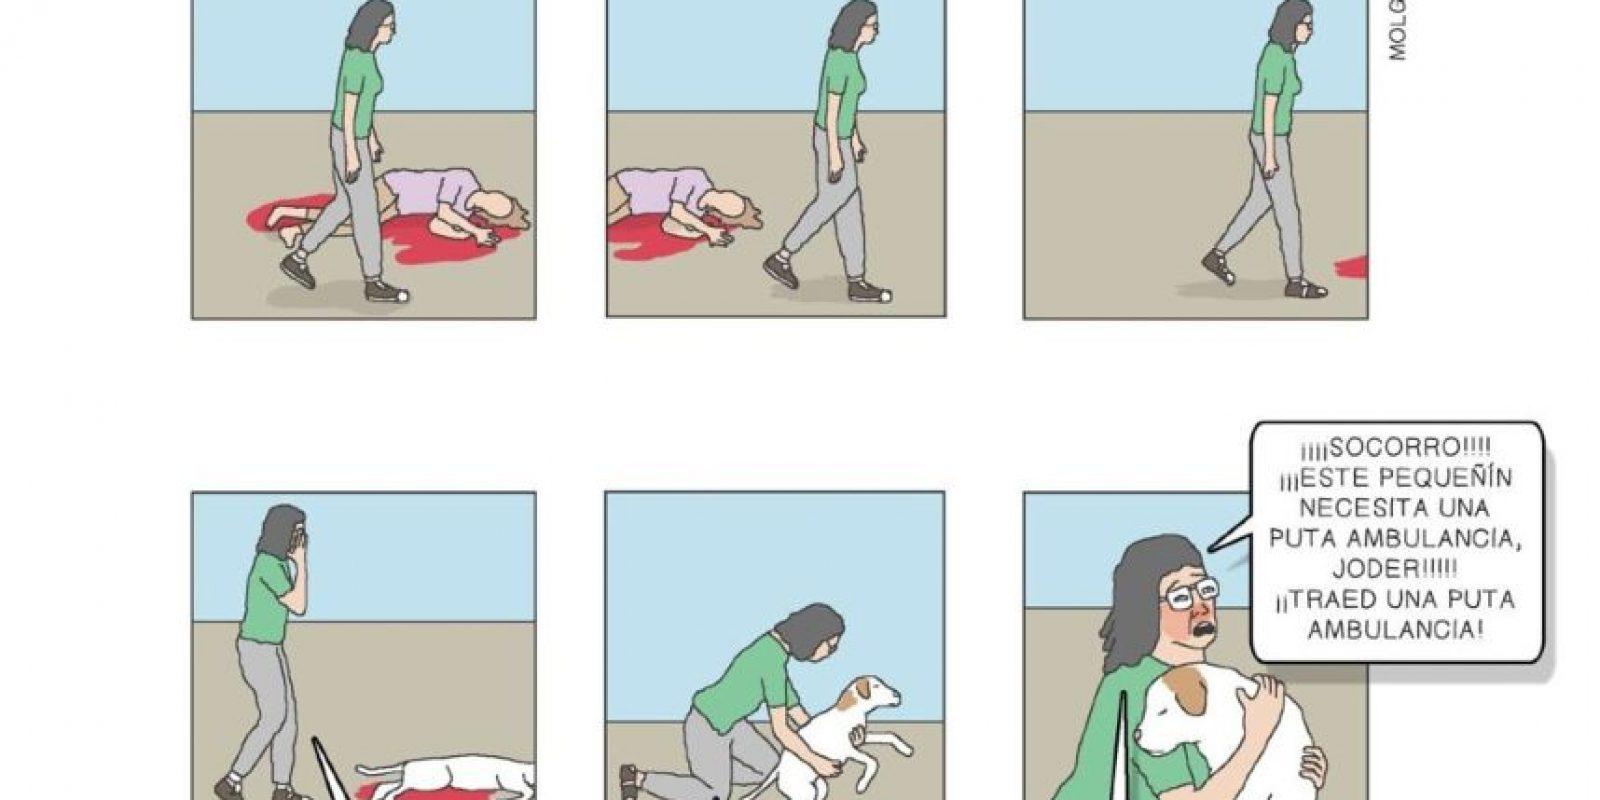 Molg H. es barcelonés, tiene 32 años y ha impactado a los internautas con sus cómics escatológicos y de humor negro. Foto:Molg H./Facebook